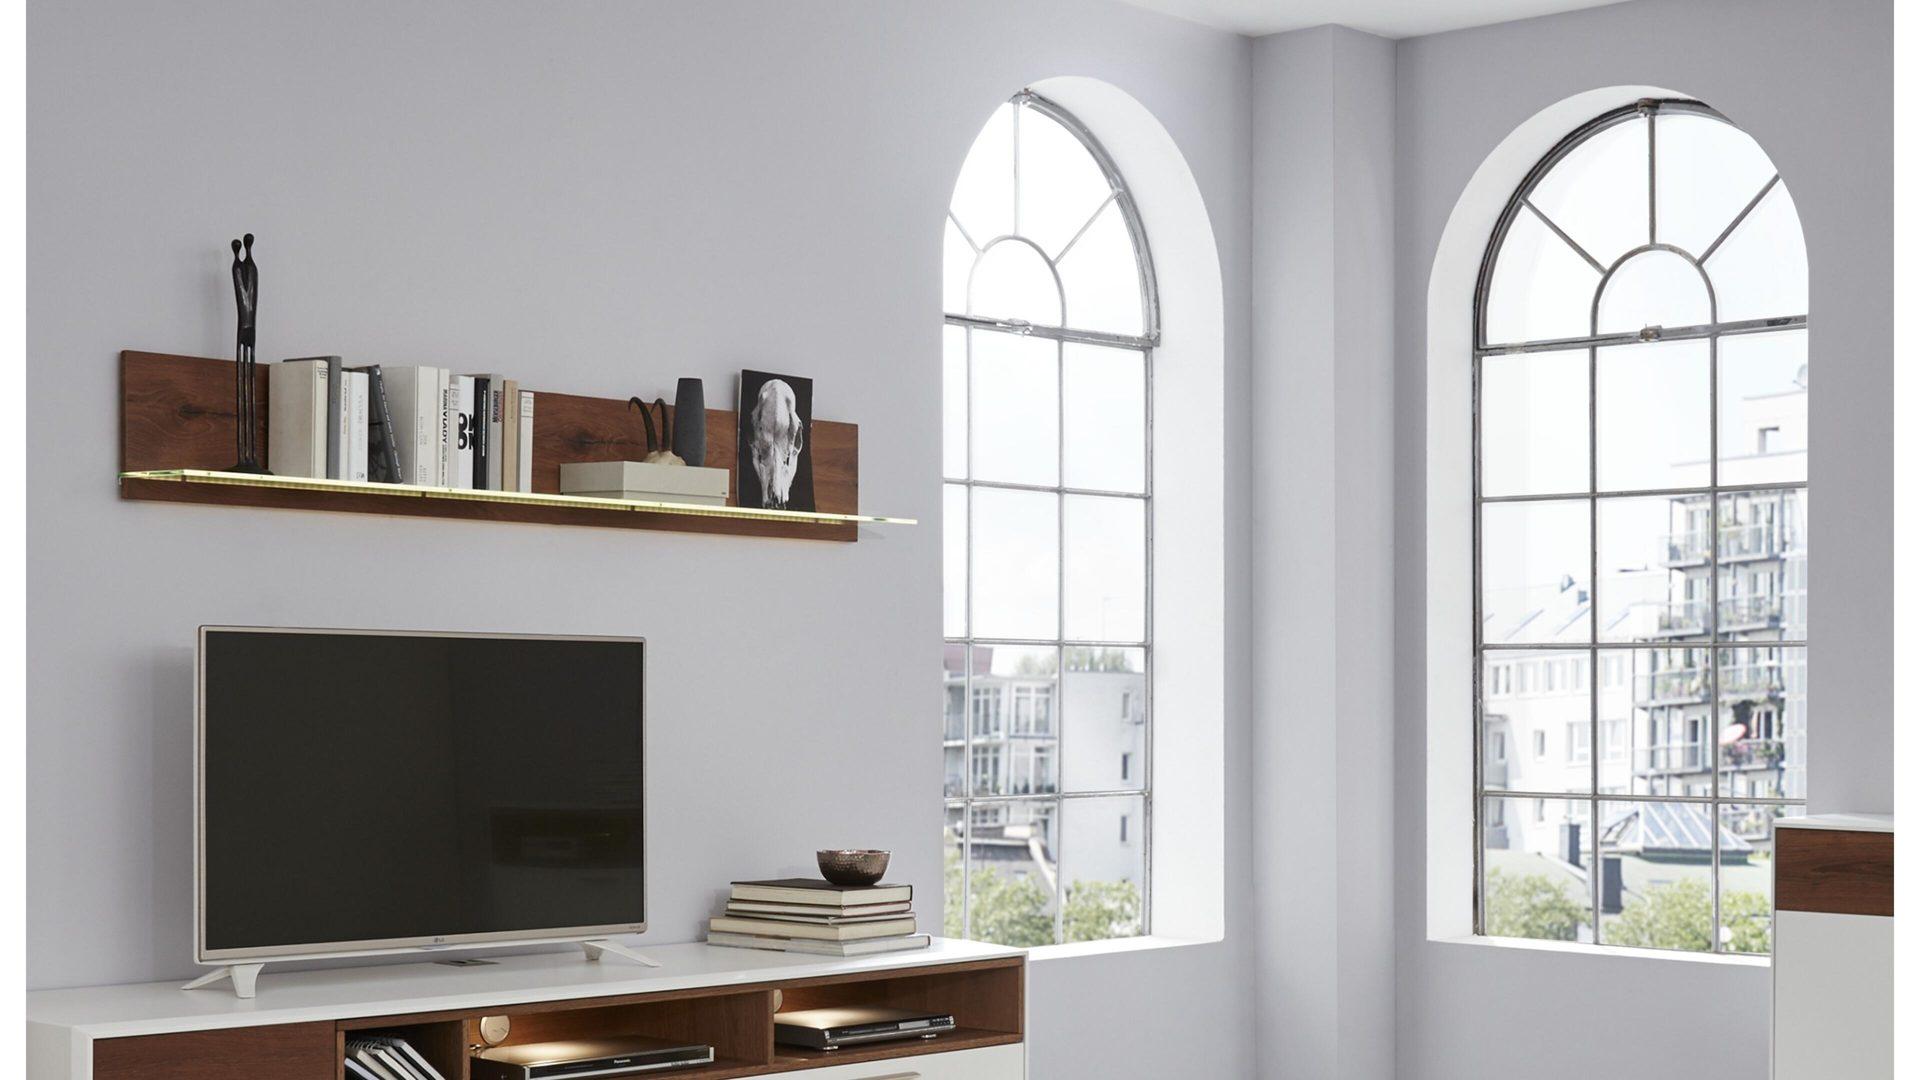 mobel bohn crailsheim startseite interliving interliving wohnzimmer serie 2102 wandregal dunkles asteiche furnier lange ca 176 cm